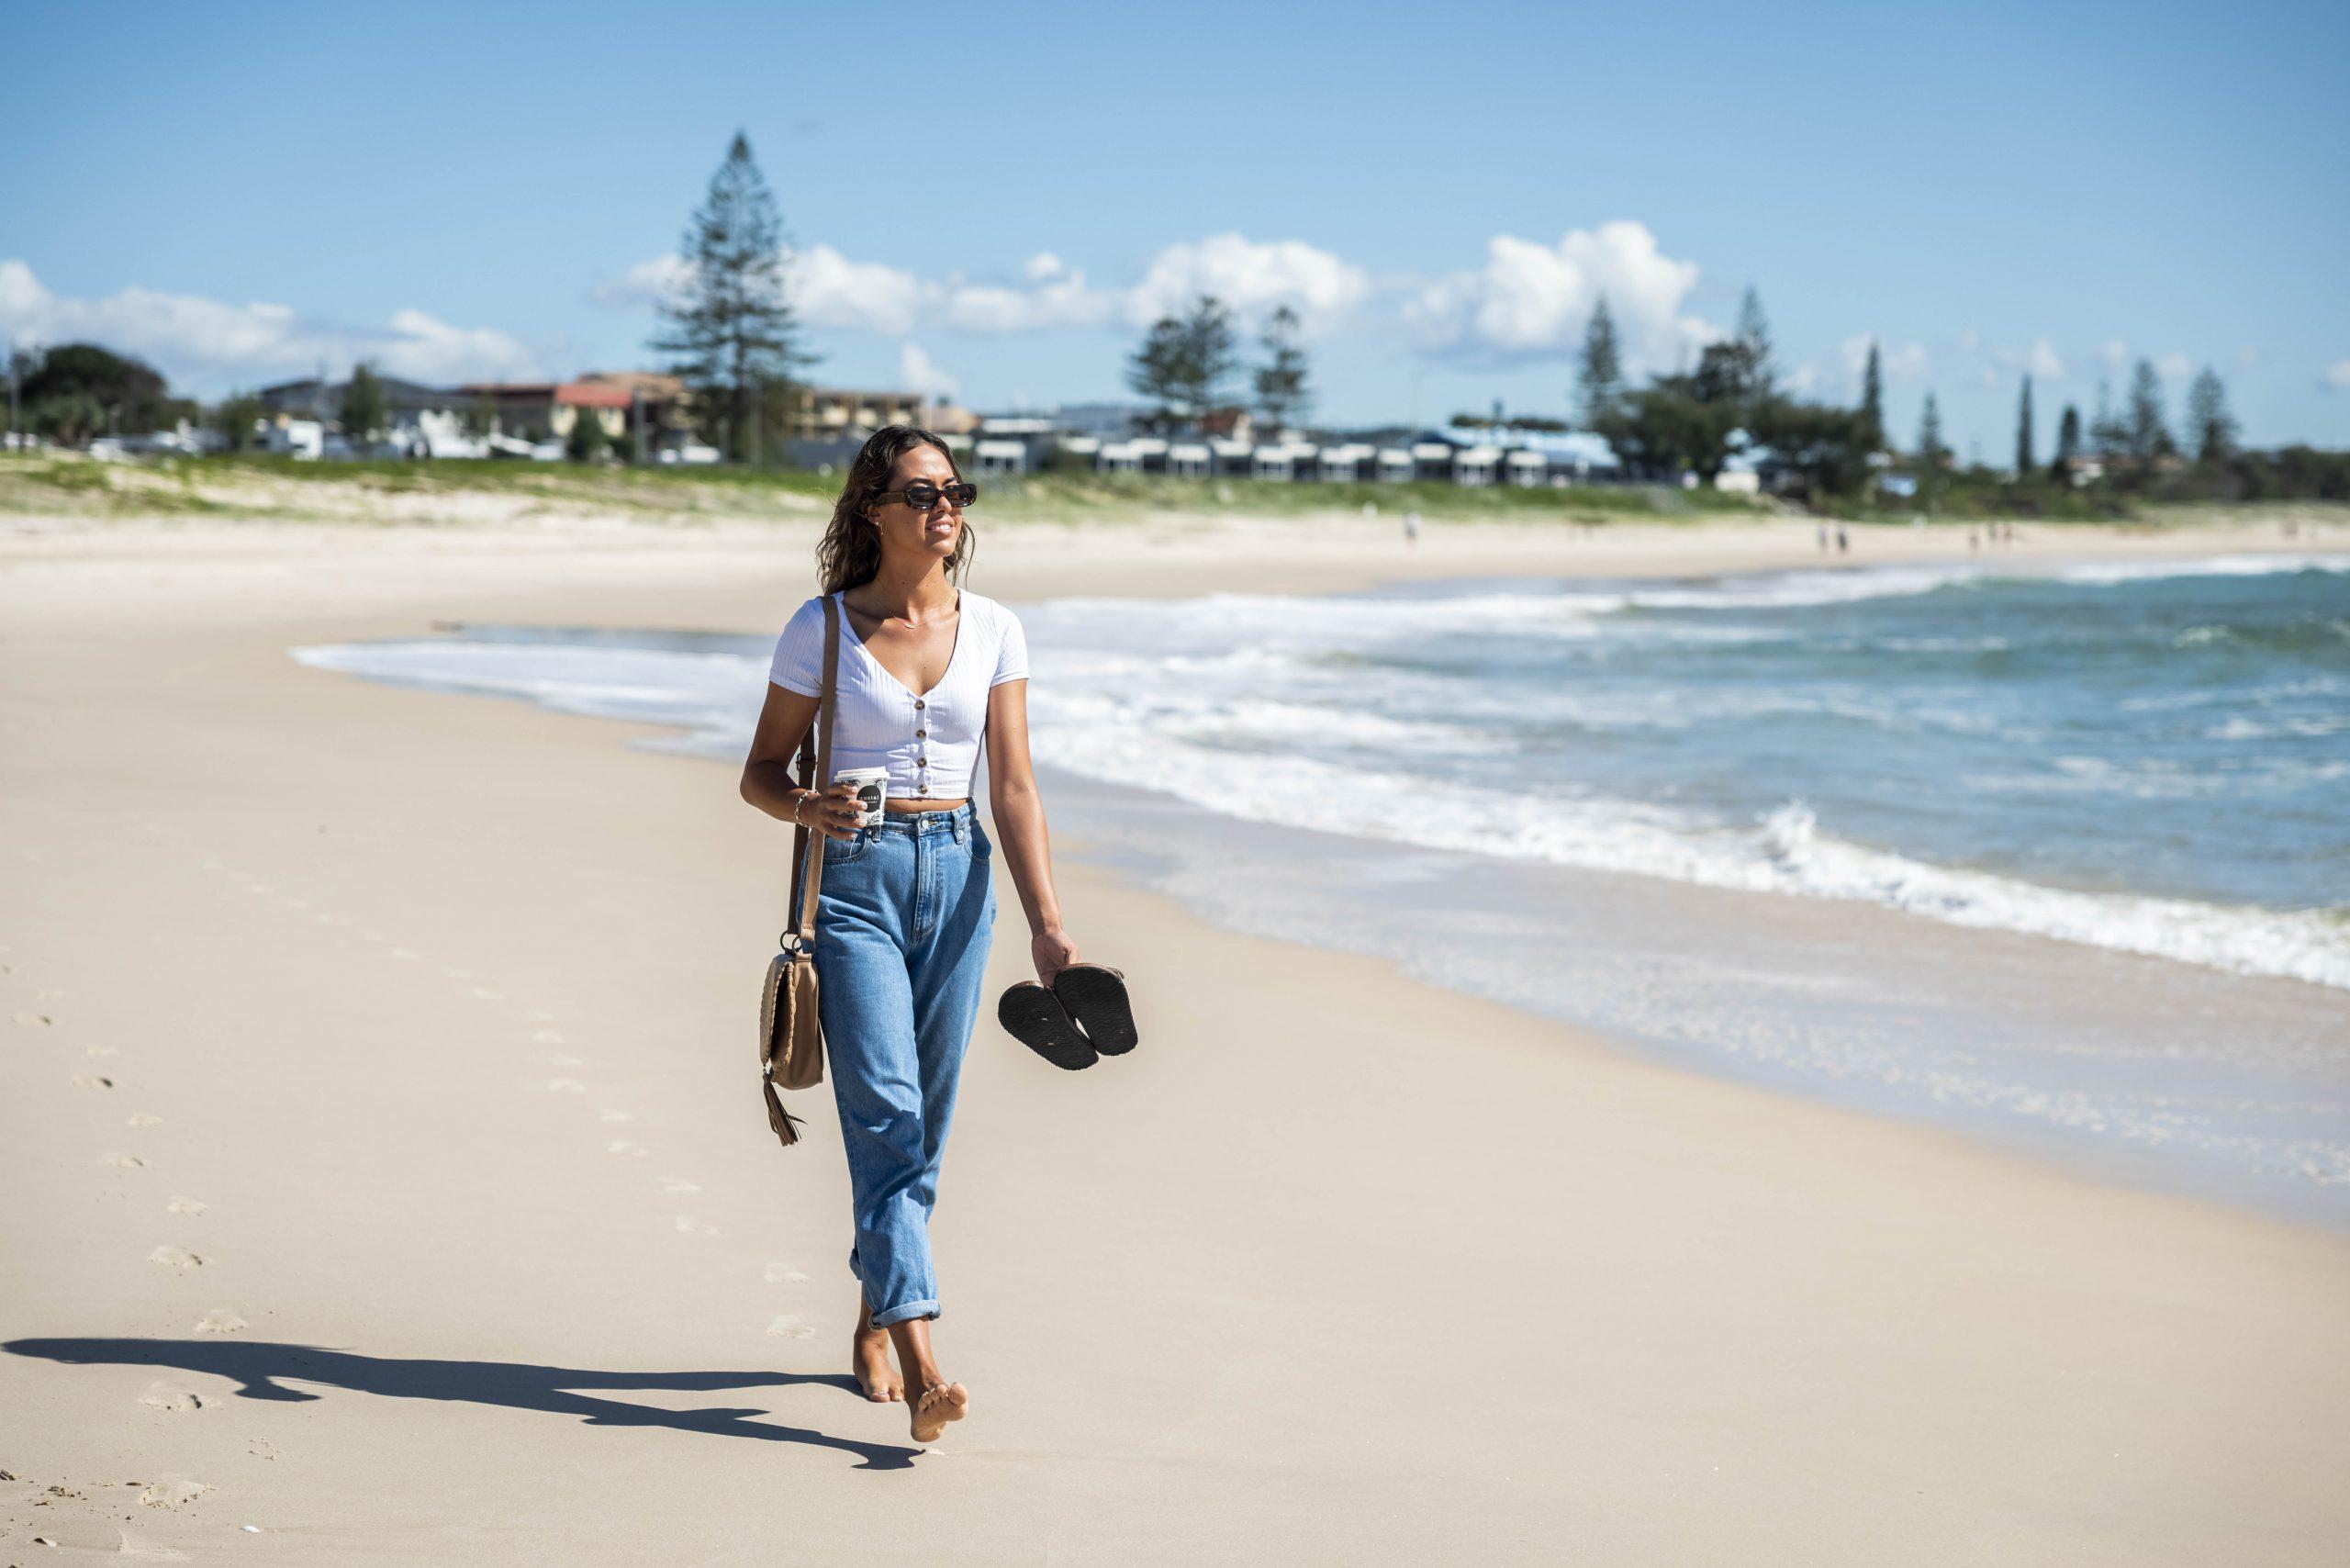 NSW top tourism town kingscliff